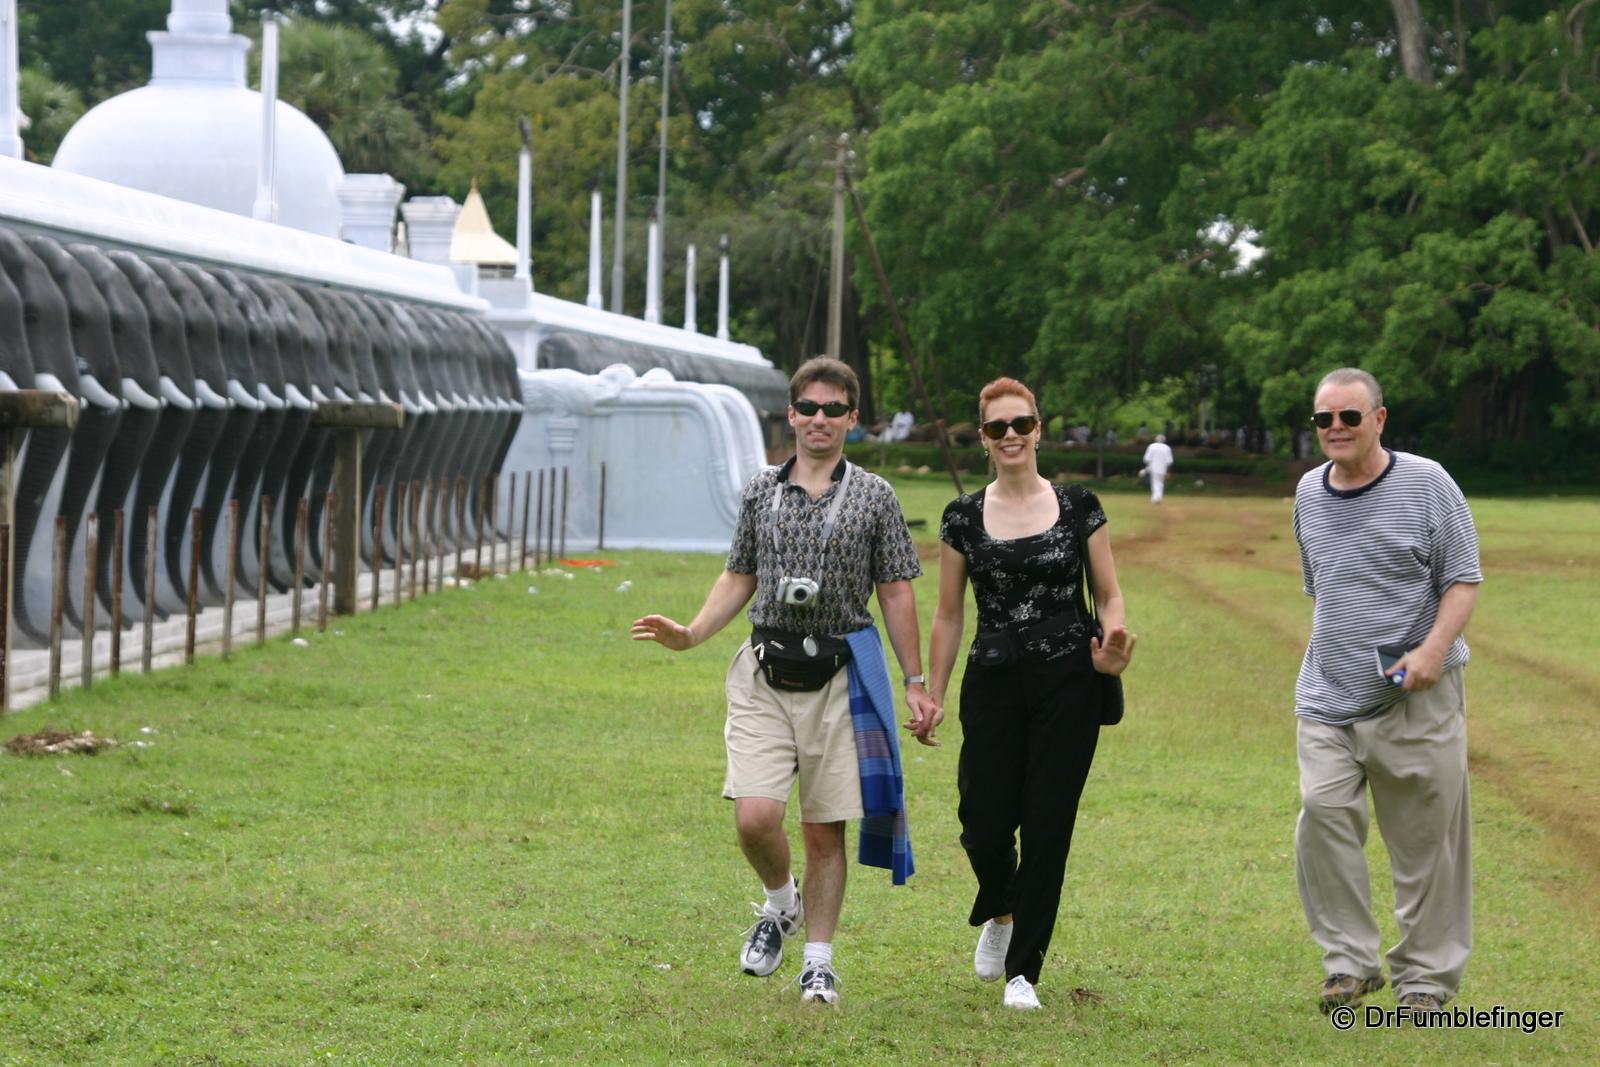 Friends Lester (L), Pam & Neil (R)